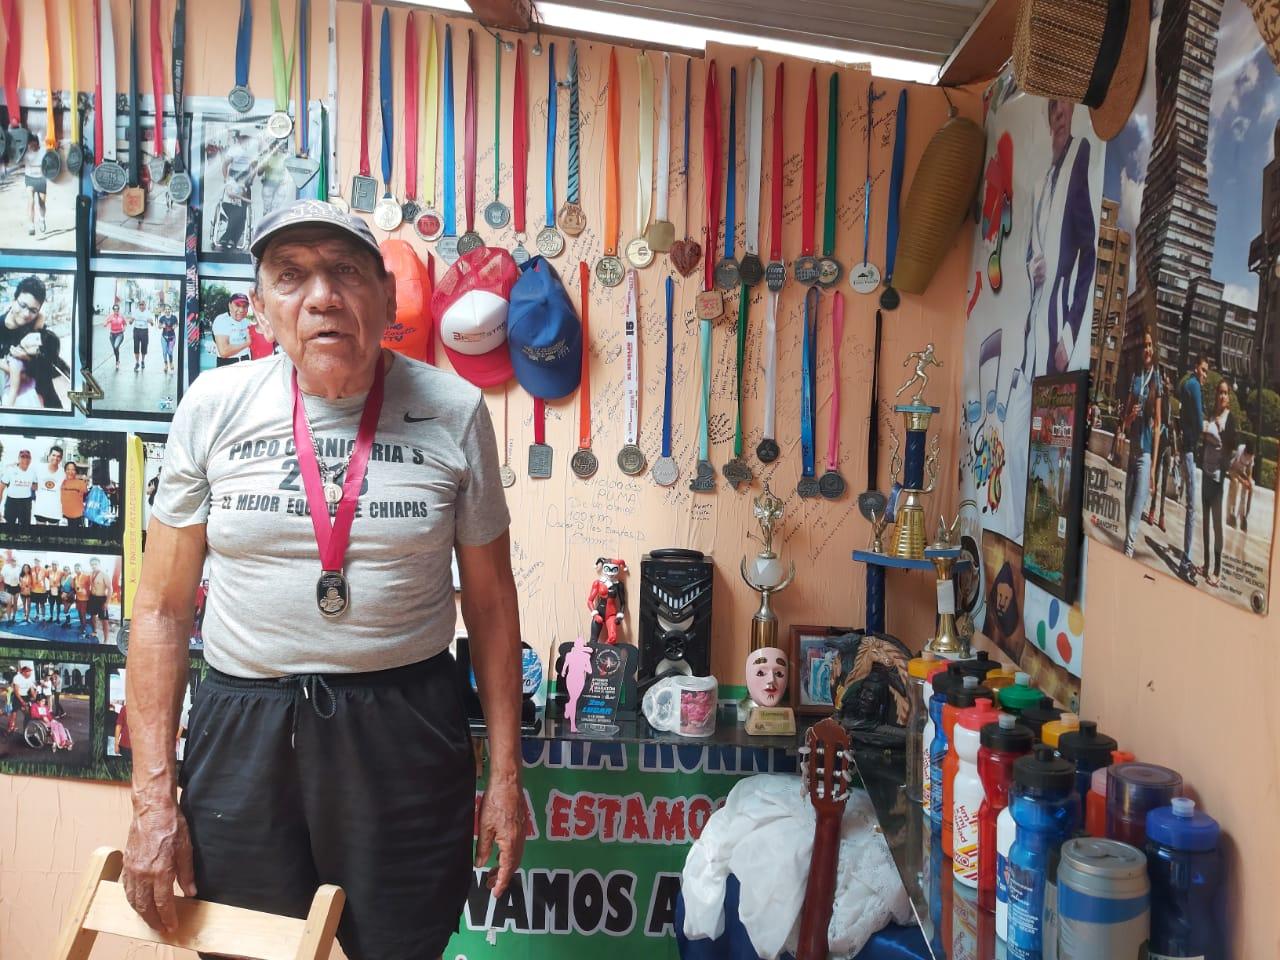 El Puma con sus 79 años de cantante y atleta